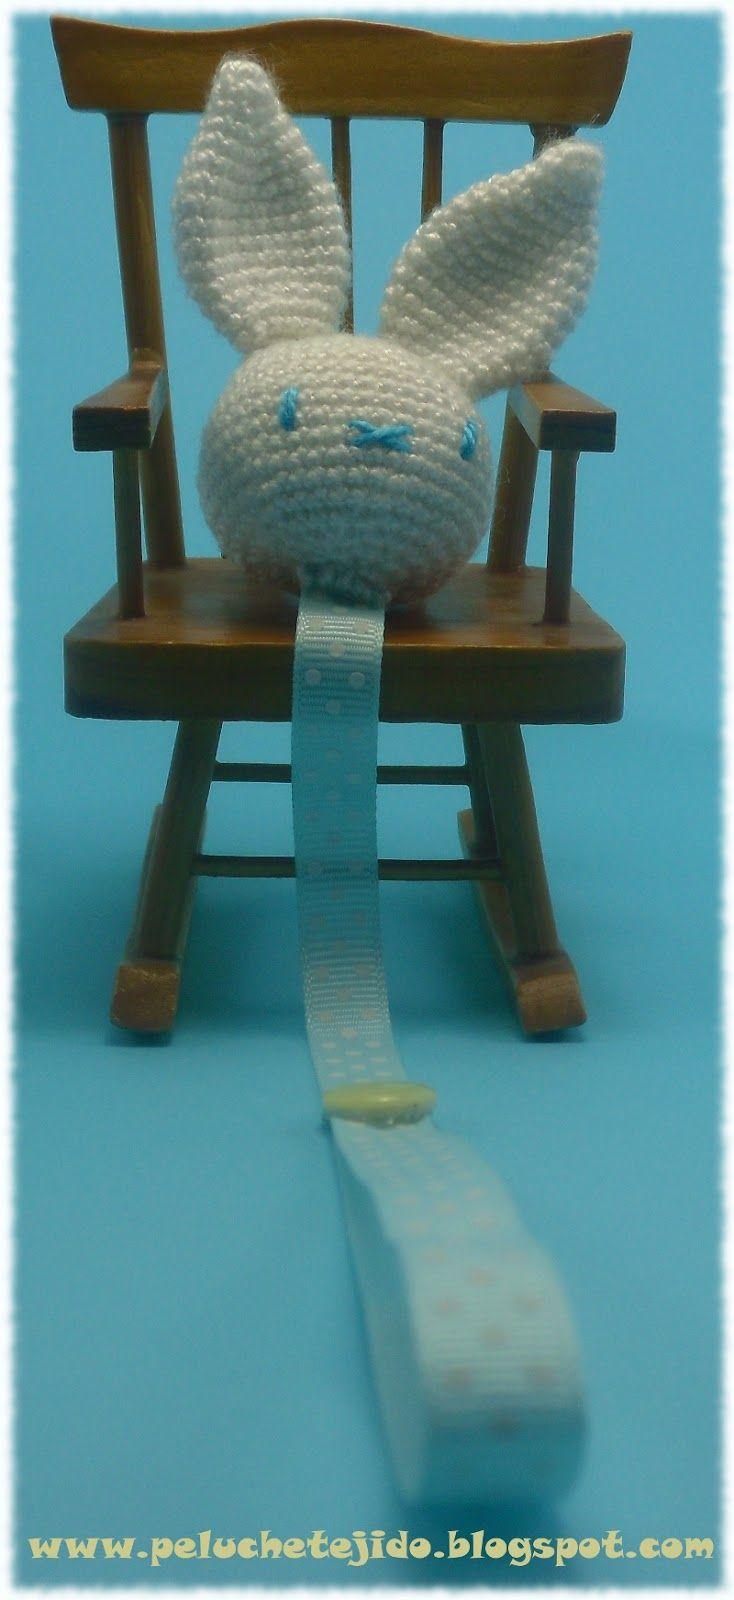 """Cabeza Conejo Amigurumi para broches , coleteros, chupeteros... ~ Patrón Gratis en Castellano ( Click en las letras azules """" Descargar patrón cabeza conejito y osito en pdf"""")"""